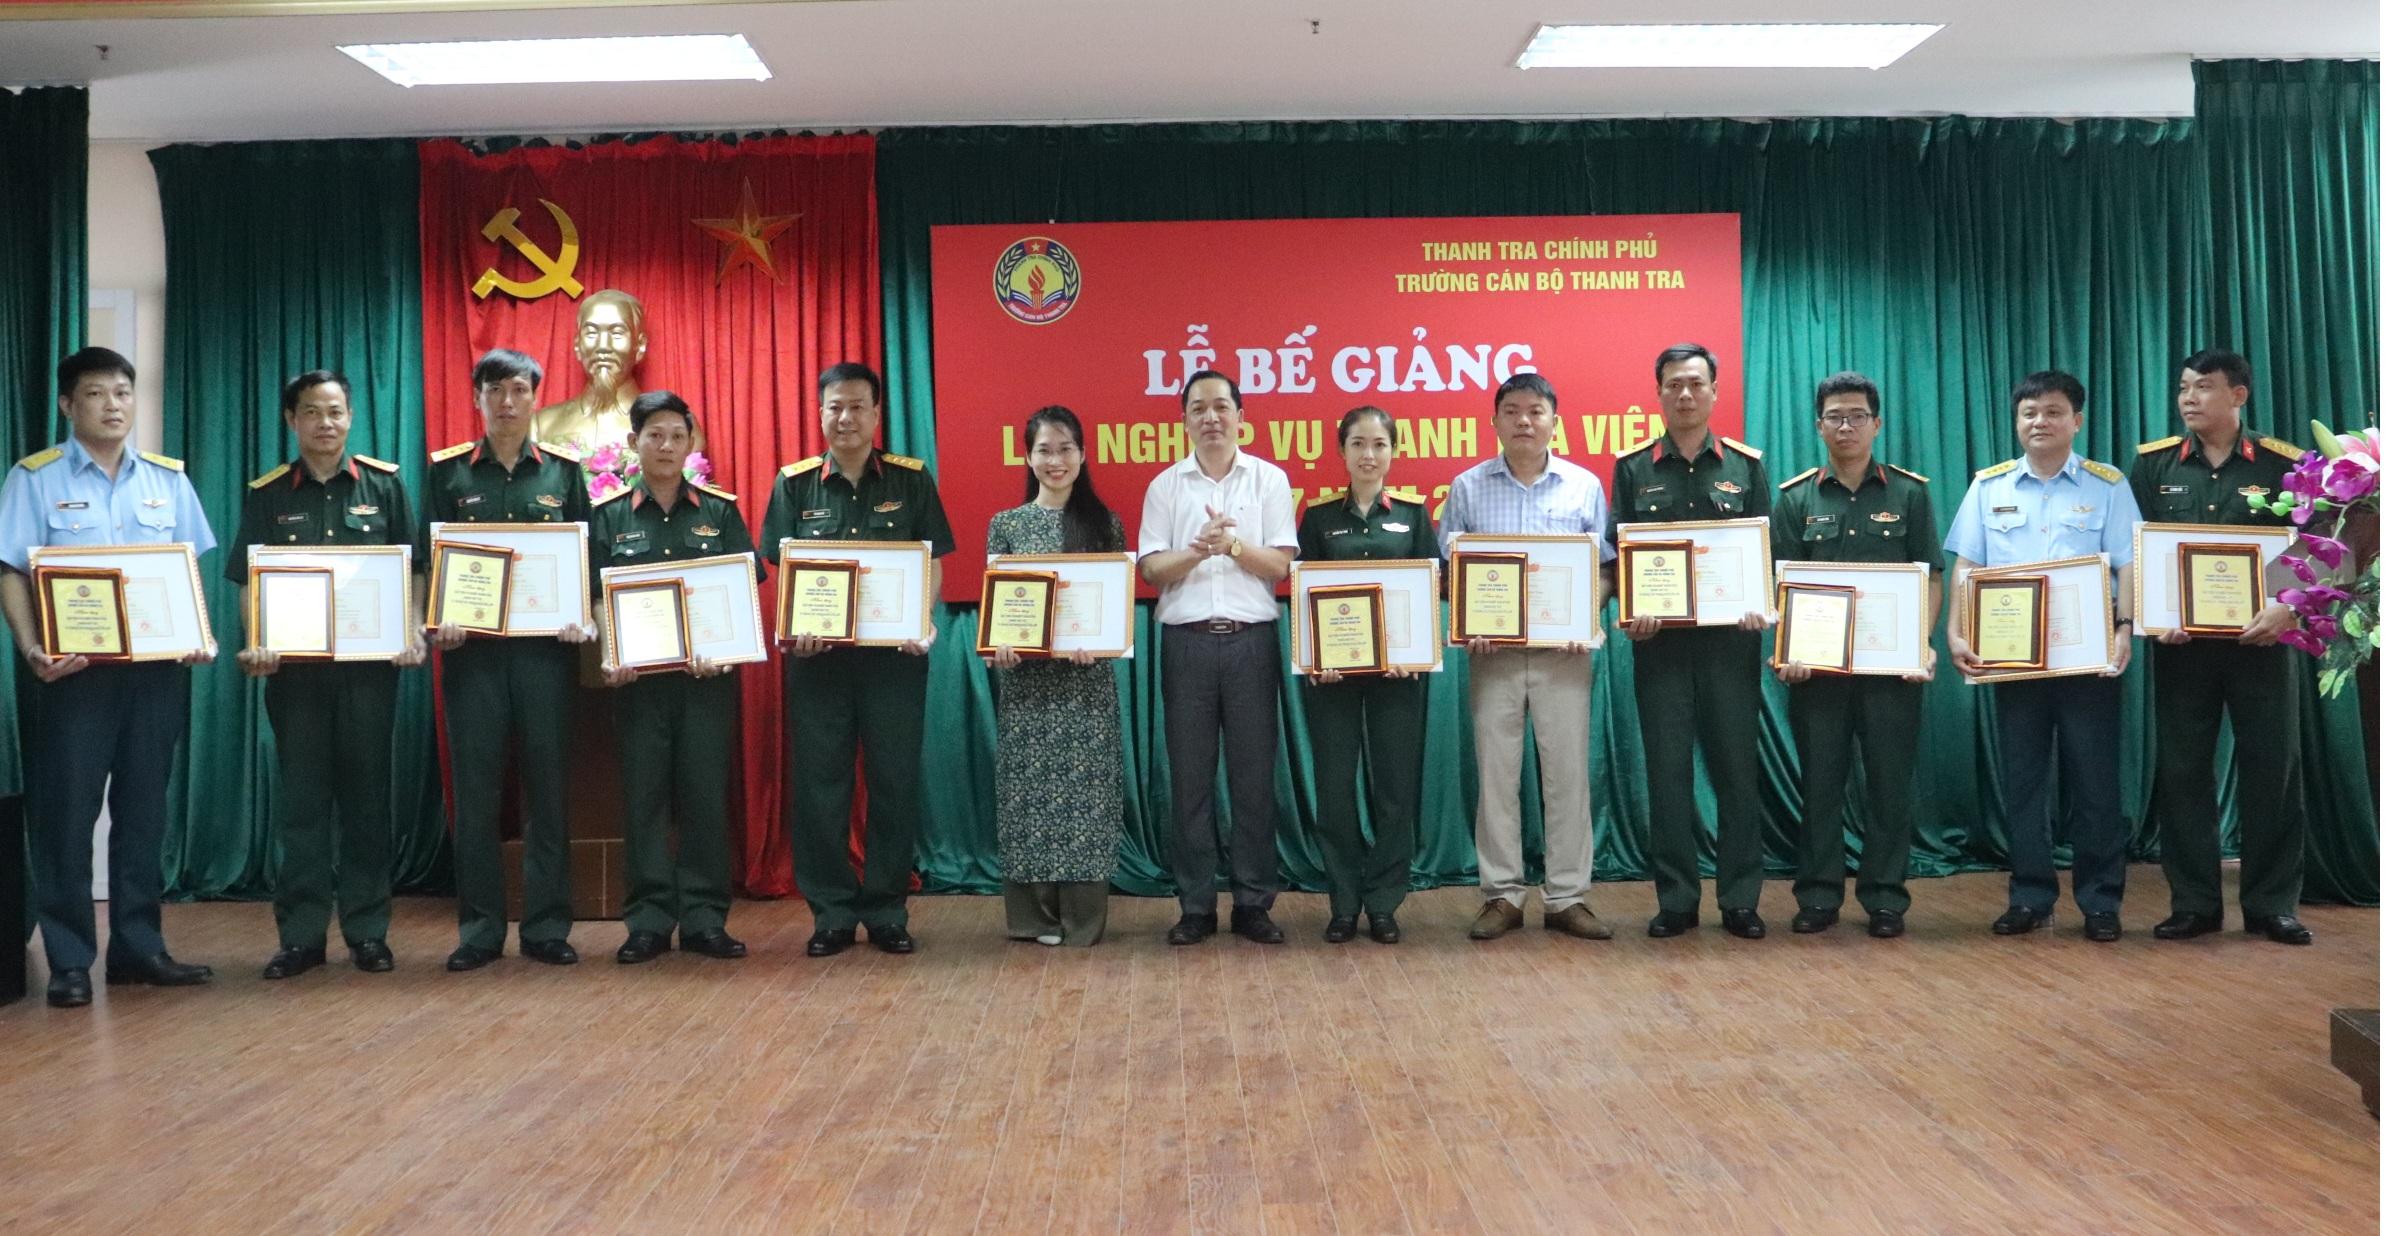 TS Nguyễn Huy Hoàng TTVCC PHT Nhà trường trao GK cho học viên